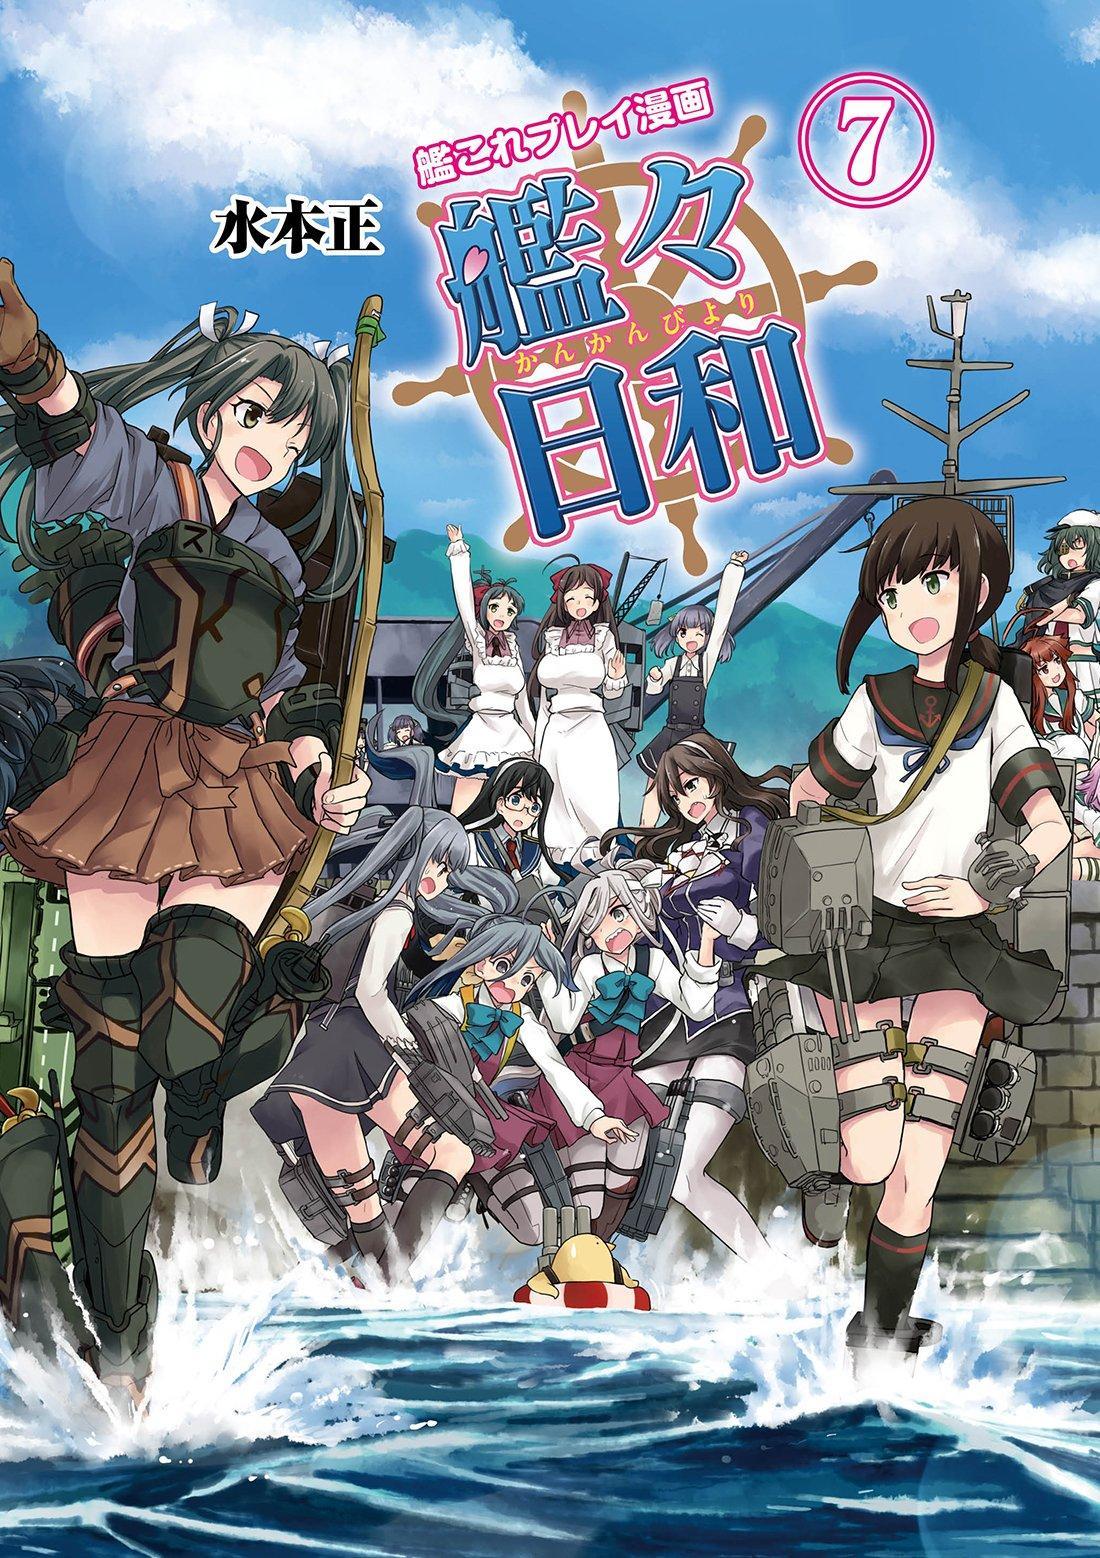 艦これプレイ漫画 艦々日和(7) 表紙